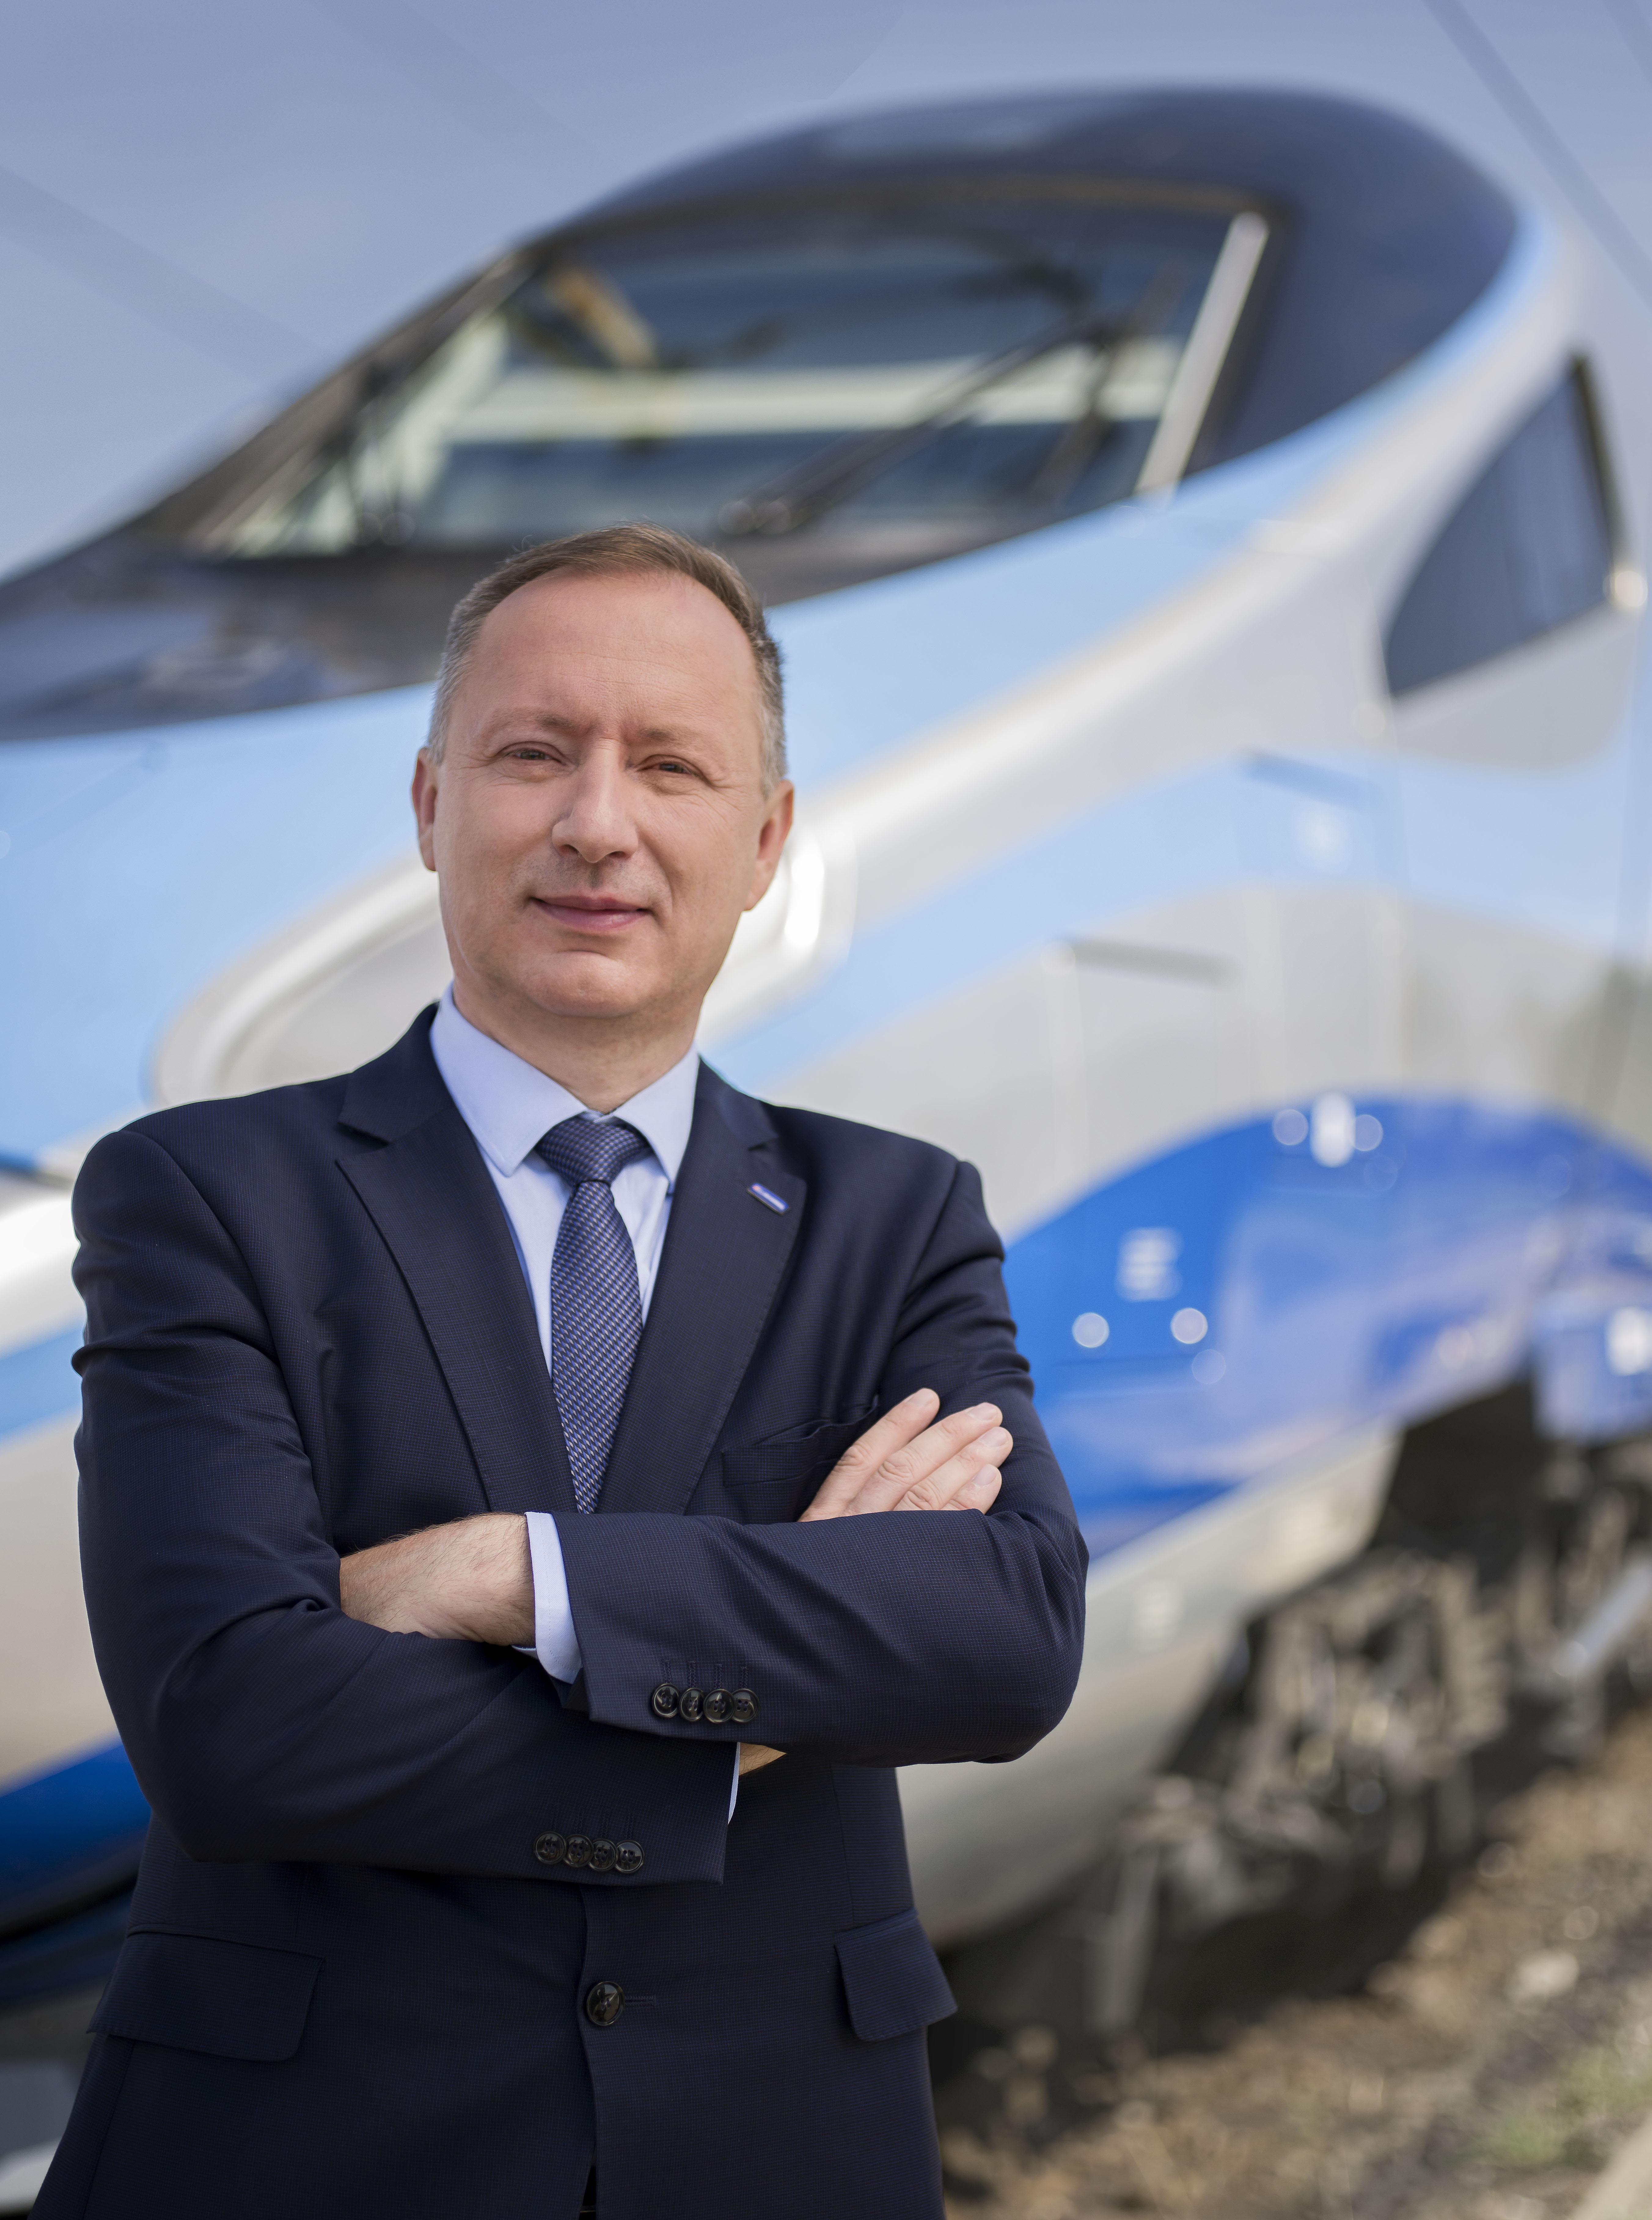 PKP Intercity: Dążymy w kierunku realizacji wieloletnich zadań na dostawę długich serii pojazdów